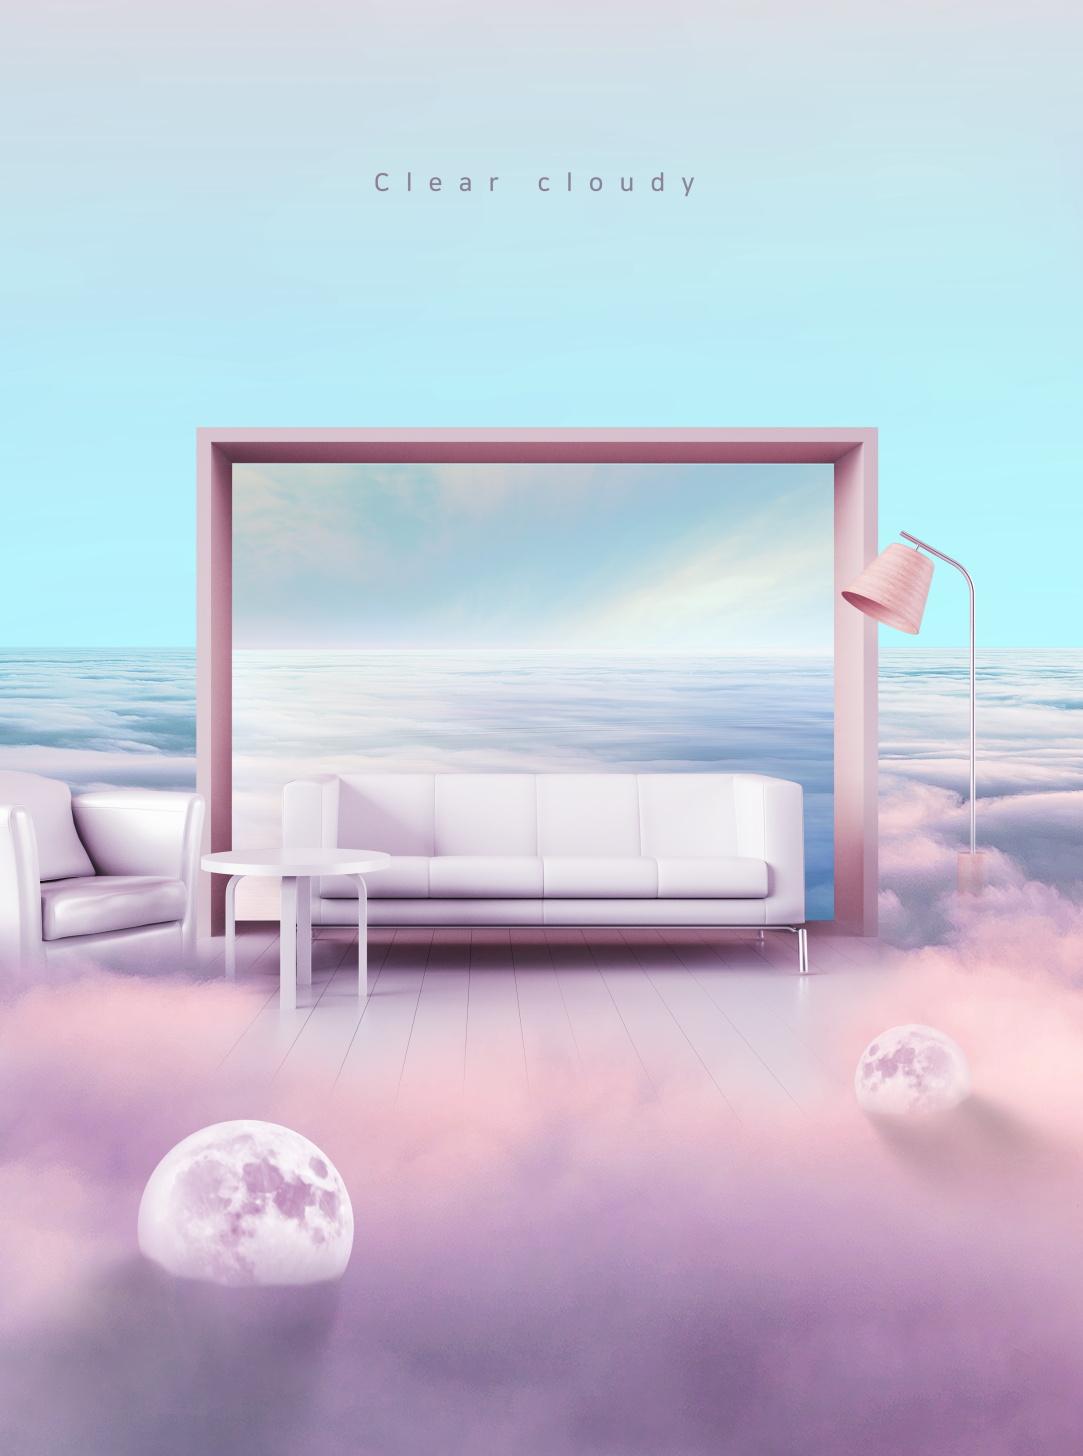 [单独购买] 14款创意梦幻唯美白云云朵企业主视觉KV展板海报设计PSD模版 Cloud Sale Poster Template插图12